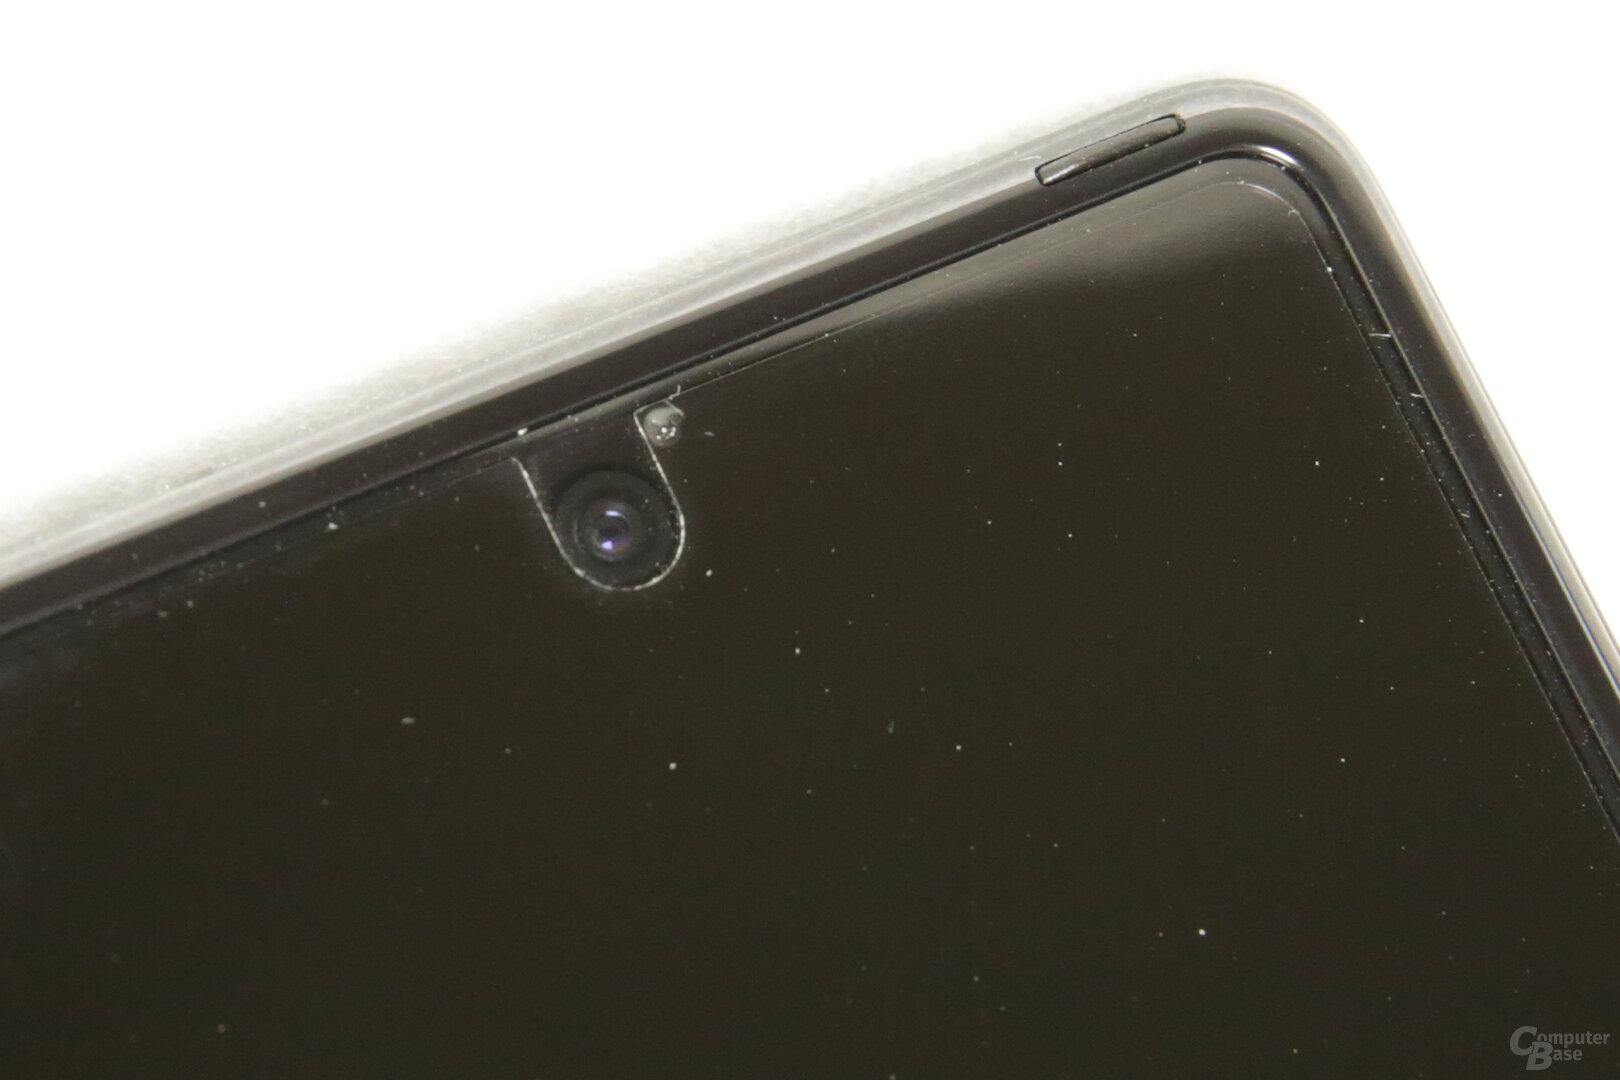 Displayfolie löst sich im Bereich der inneren Selfie-Kamera